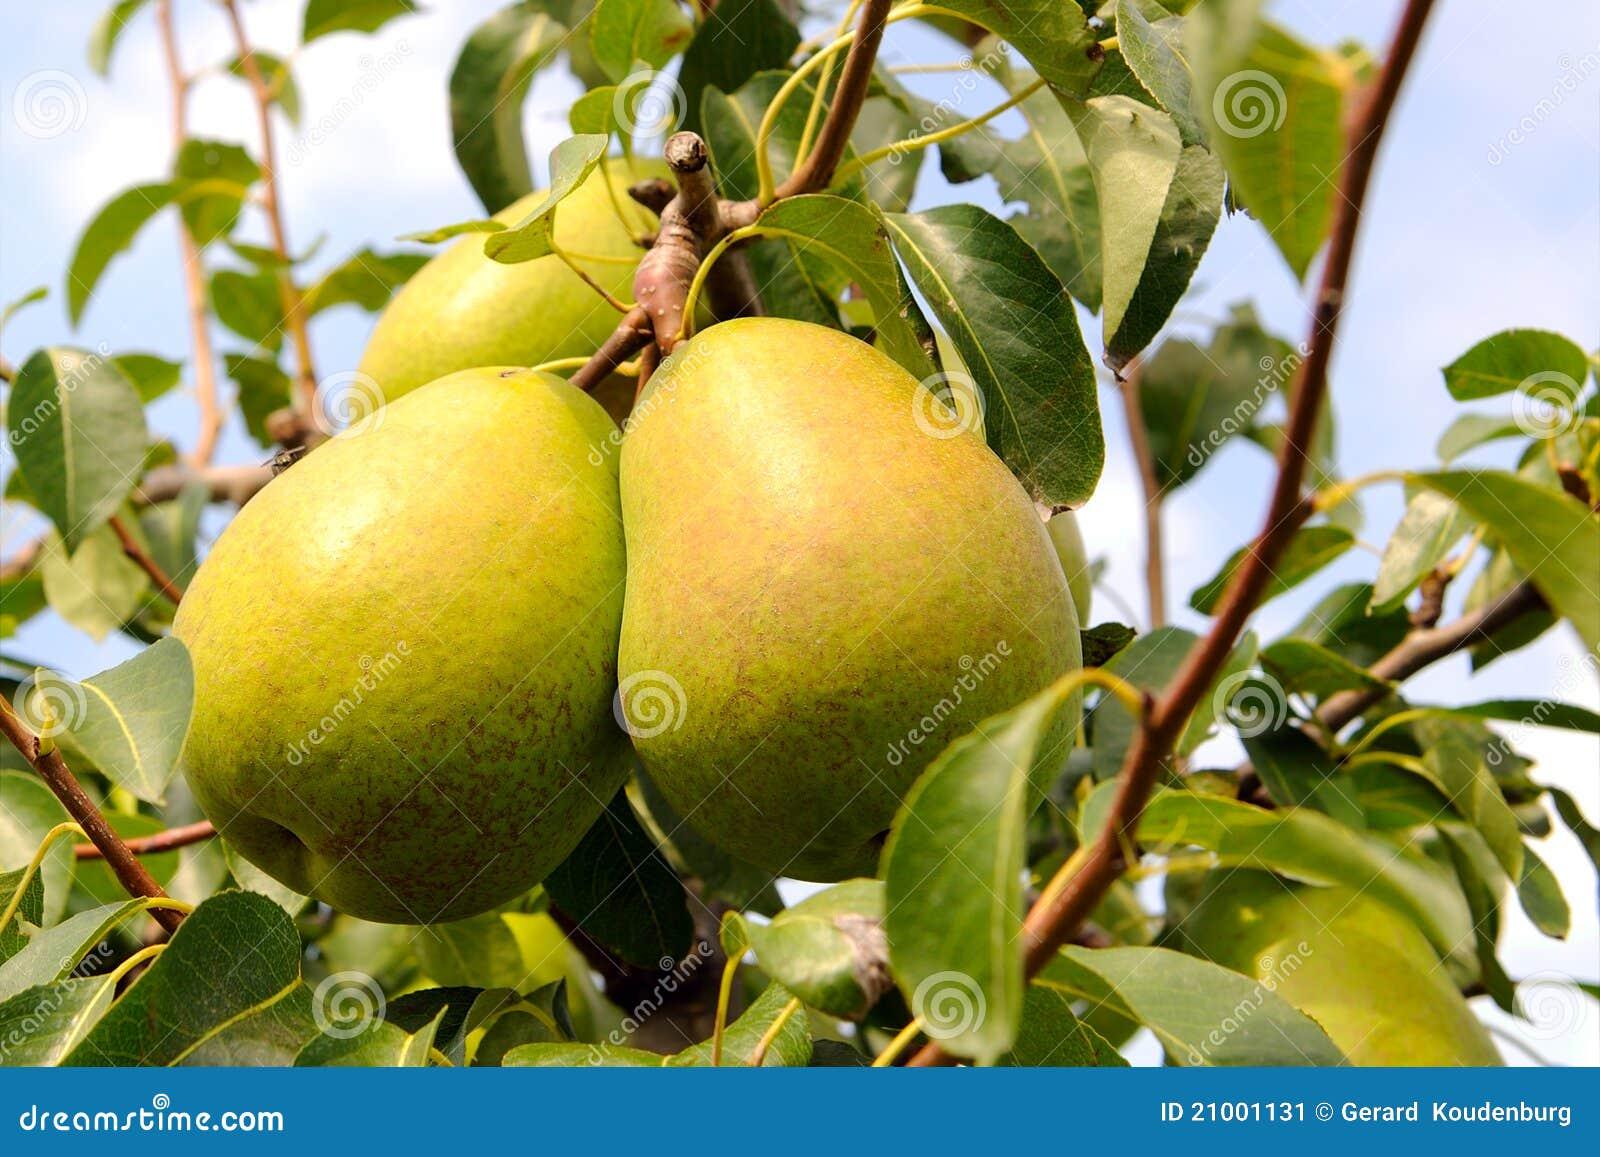 梨洋梨树黄色